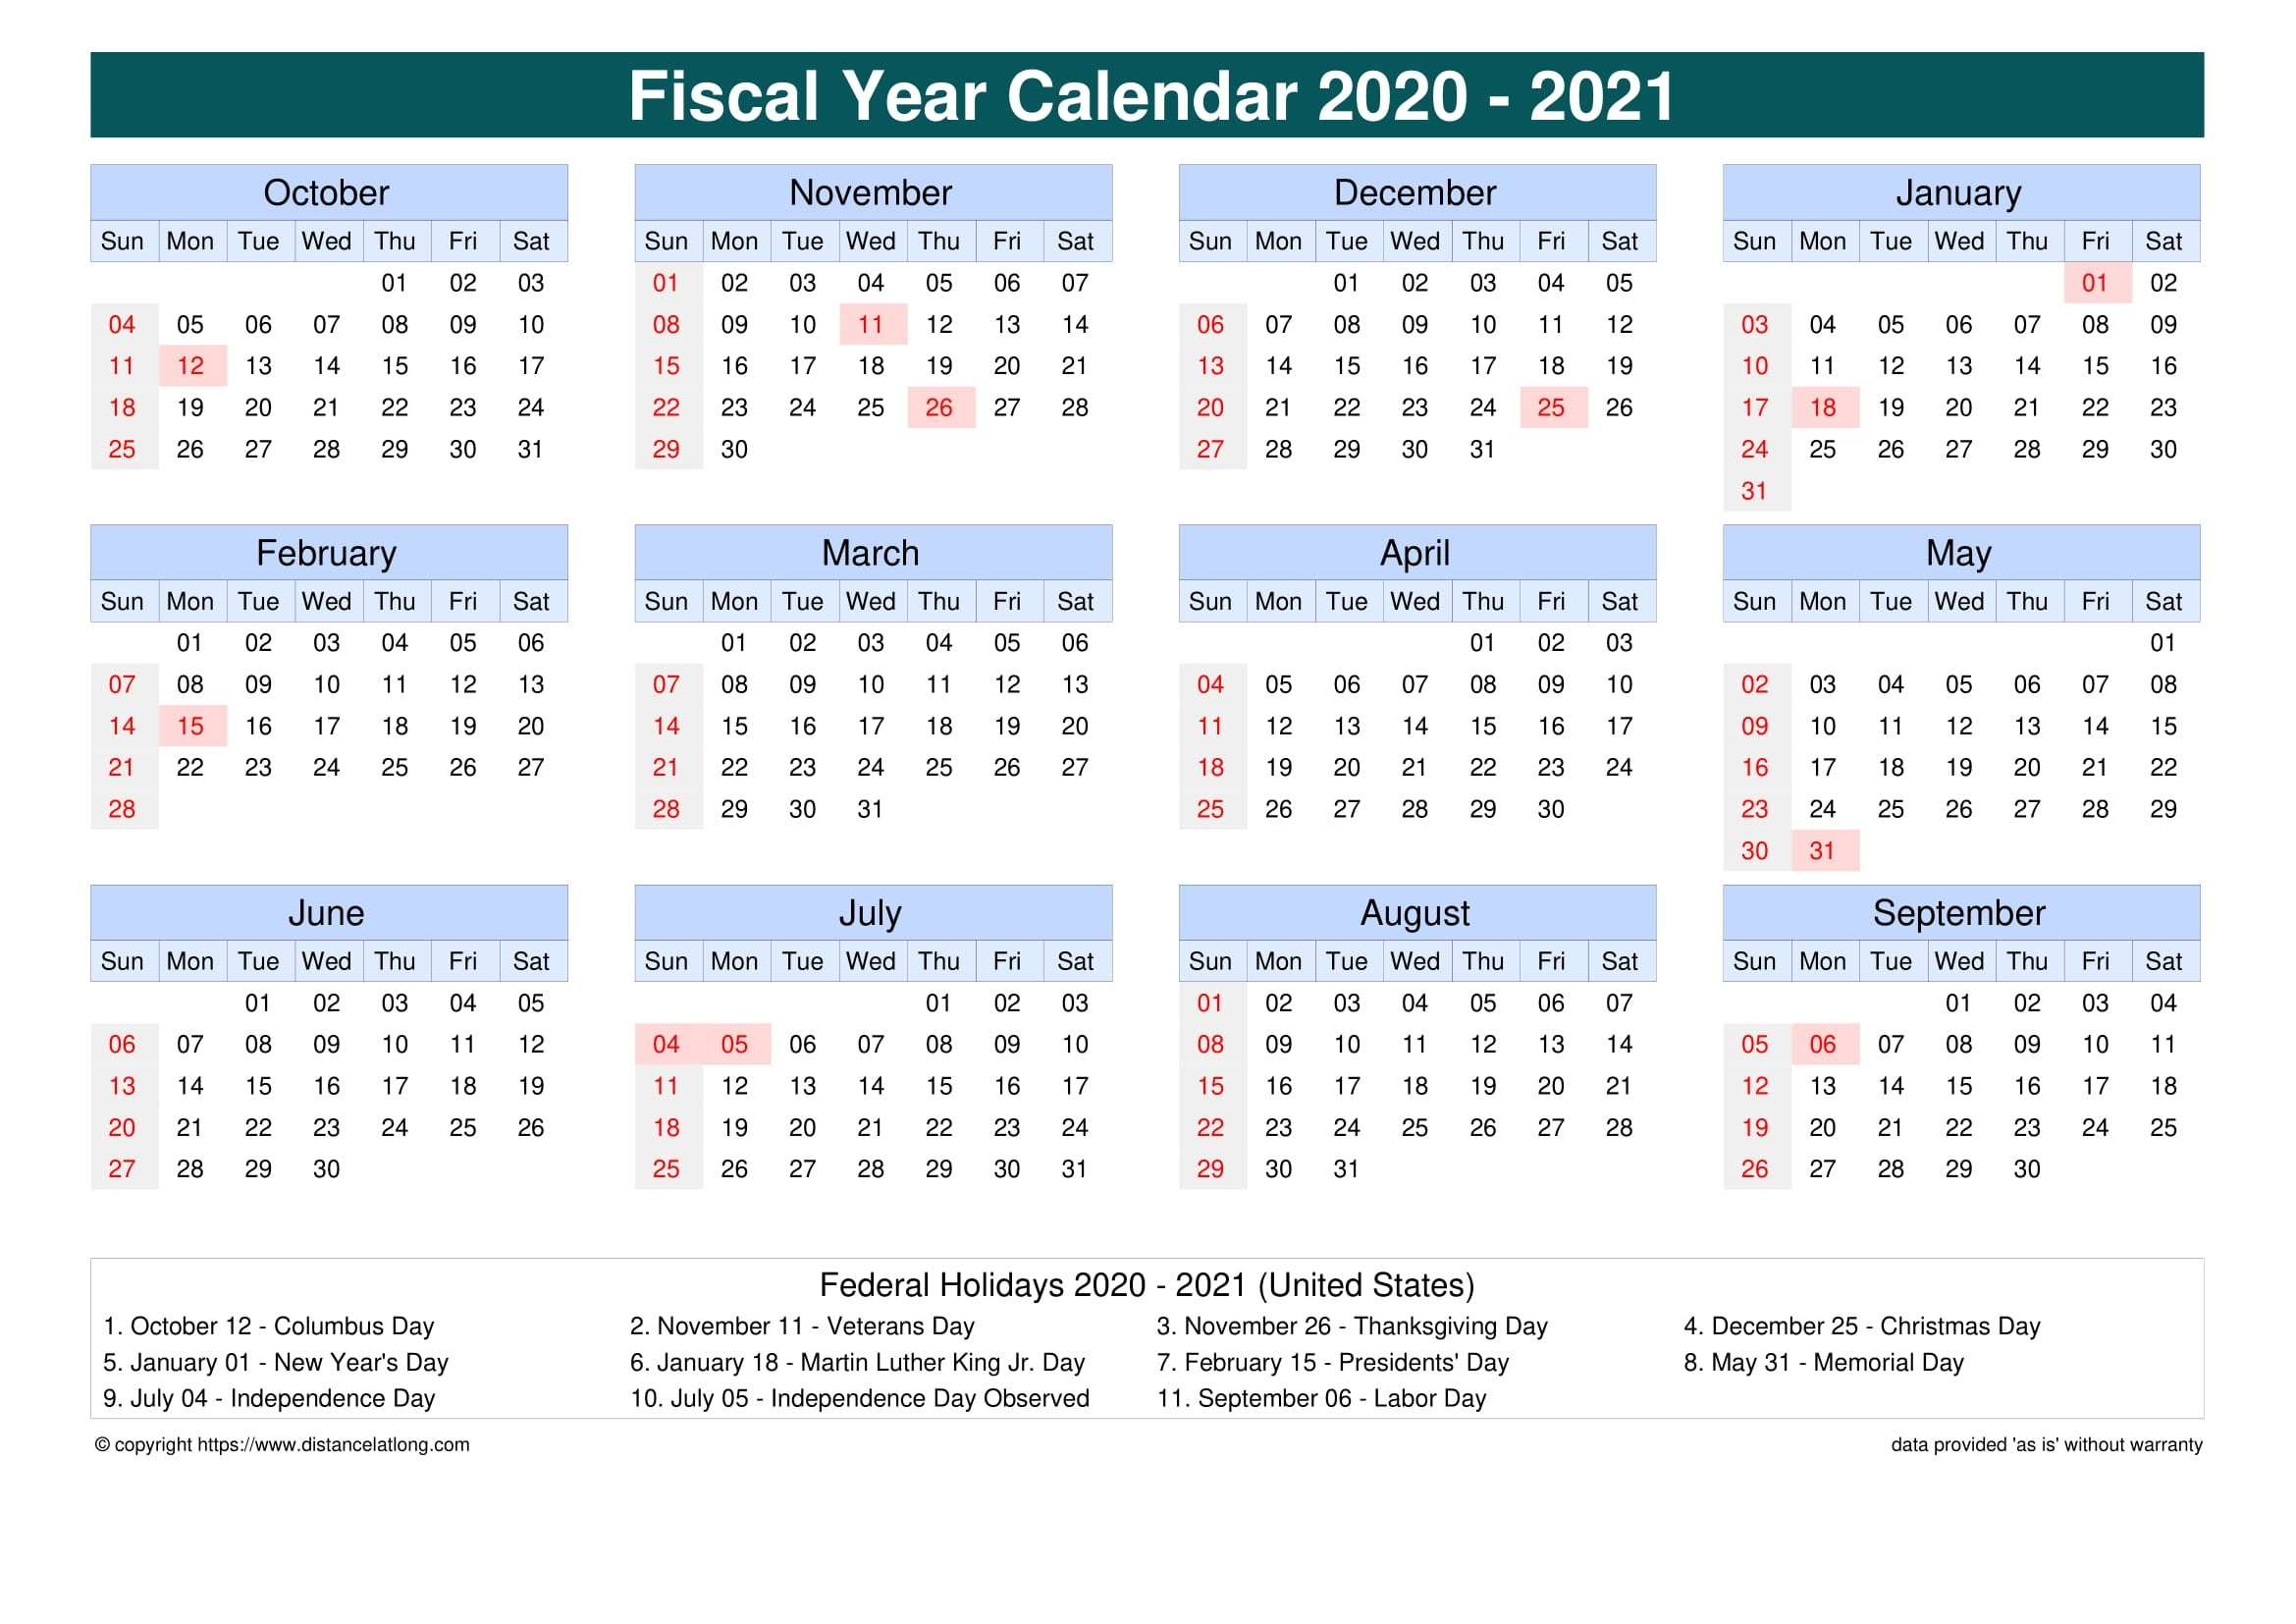 Fiscal Year 2020-2021 Calendar Templates, Free Printable  2020 2021 Financial Calendar